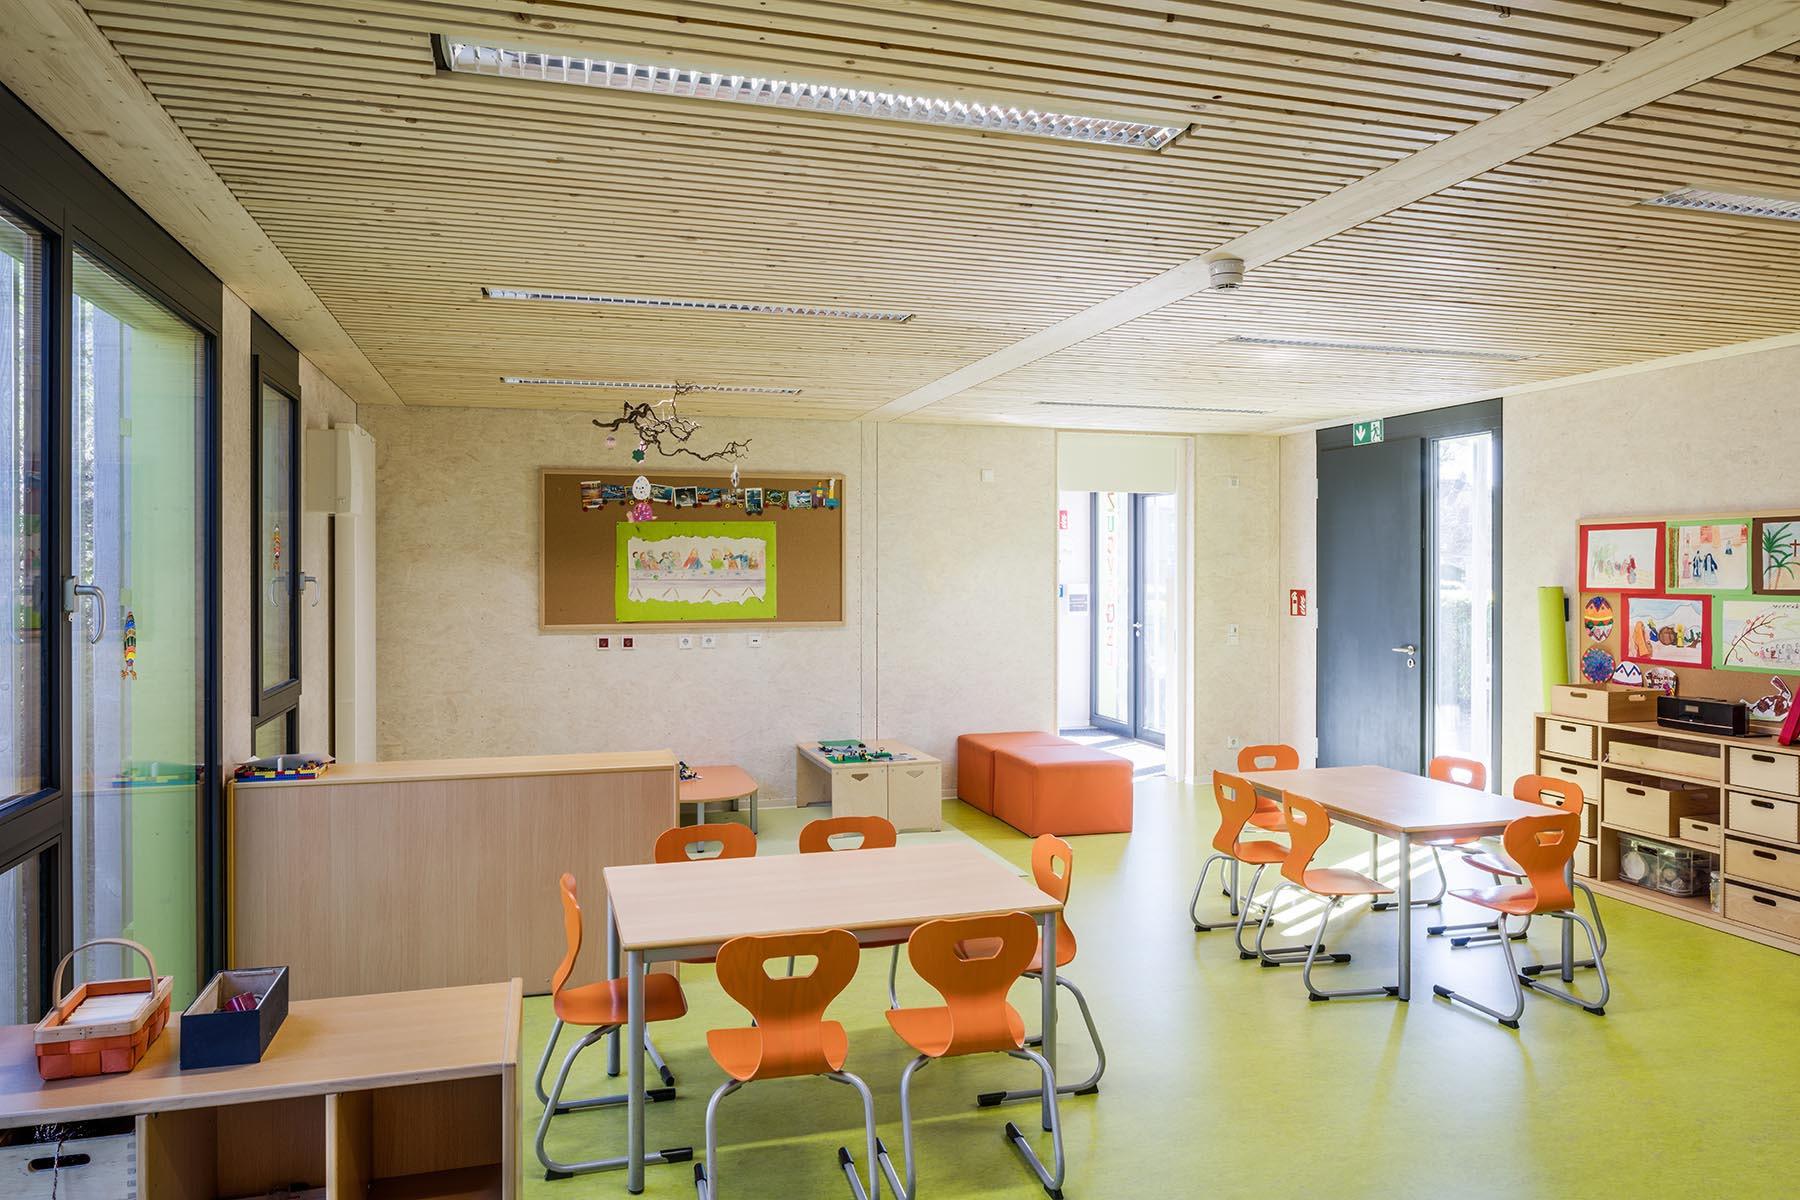 Ausgestattetes Klassenzimmer in hellem und schlichtem Stil